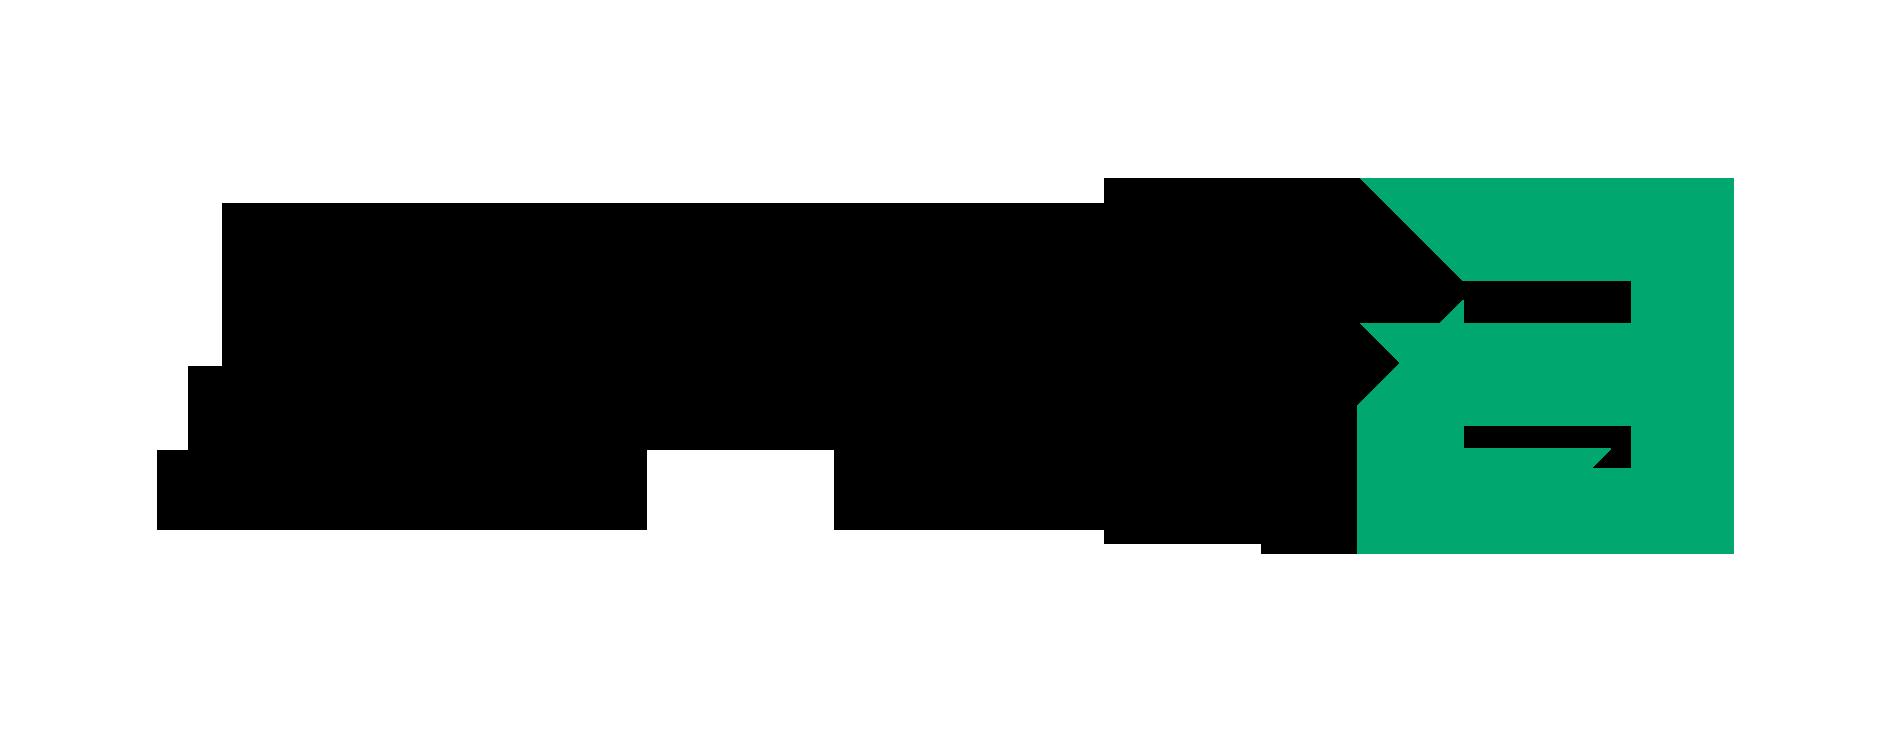 Quake Live обрела свой клиент и другие события недели - Изображение 2